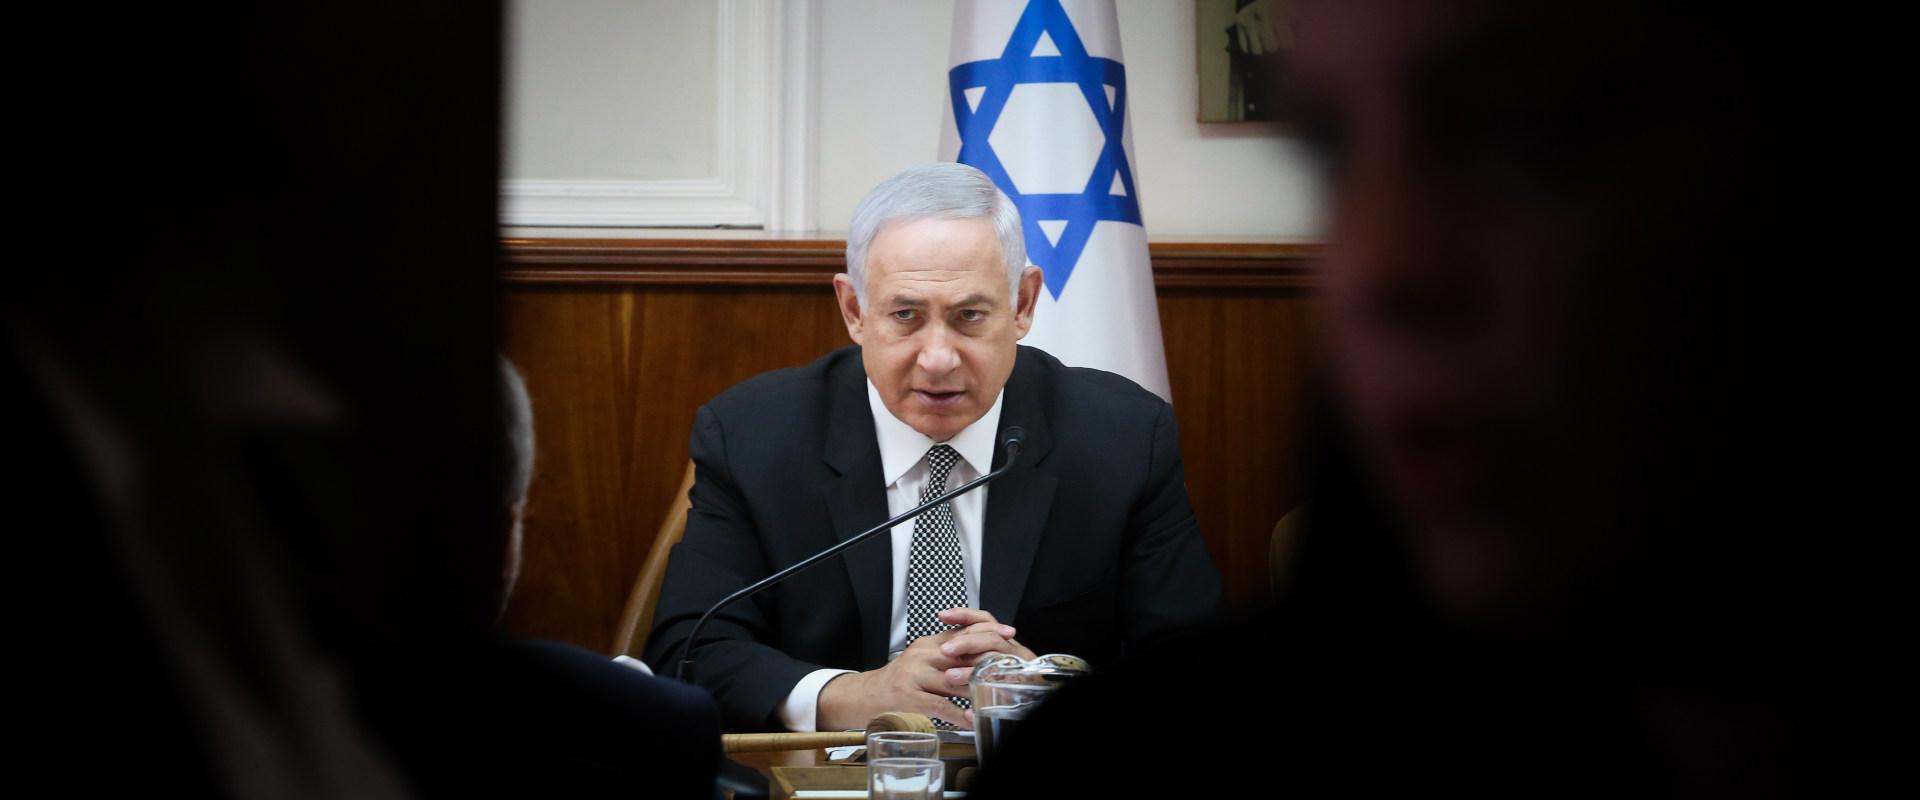 ראש הממשלה, בנימין נתניהו, בישיבת הממשלה